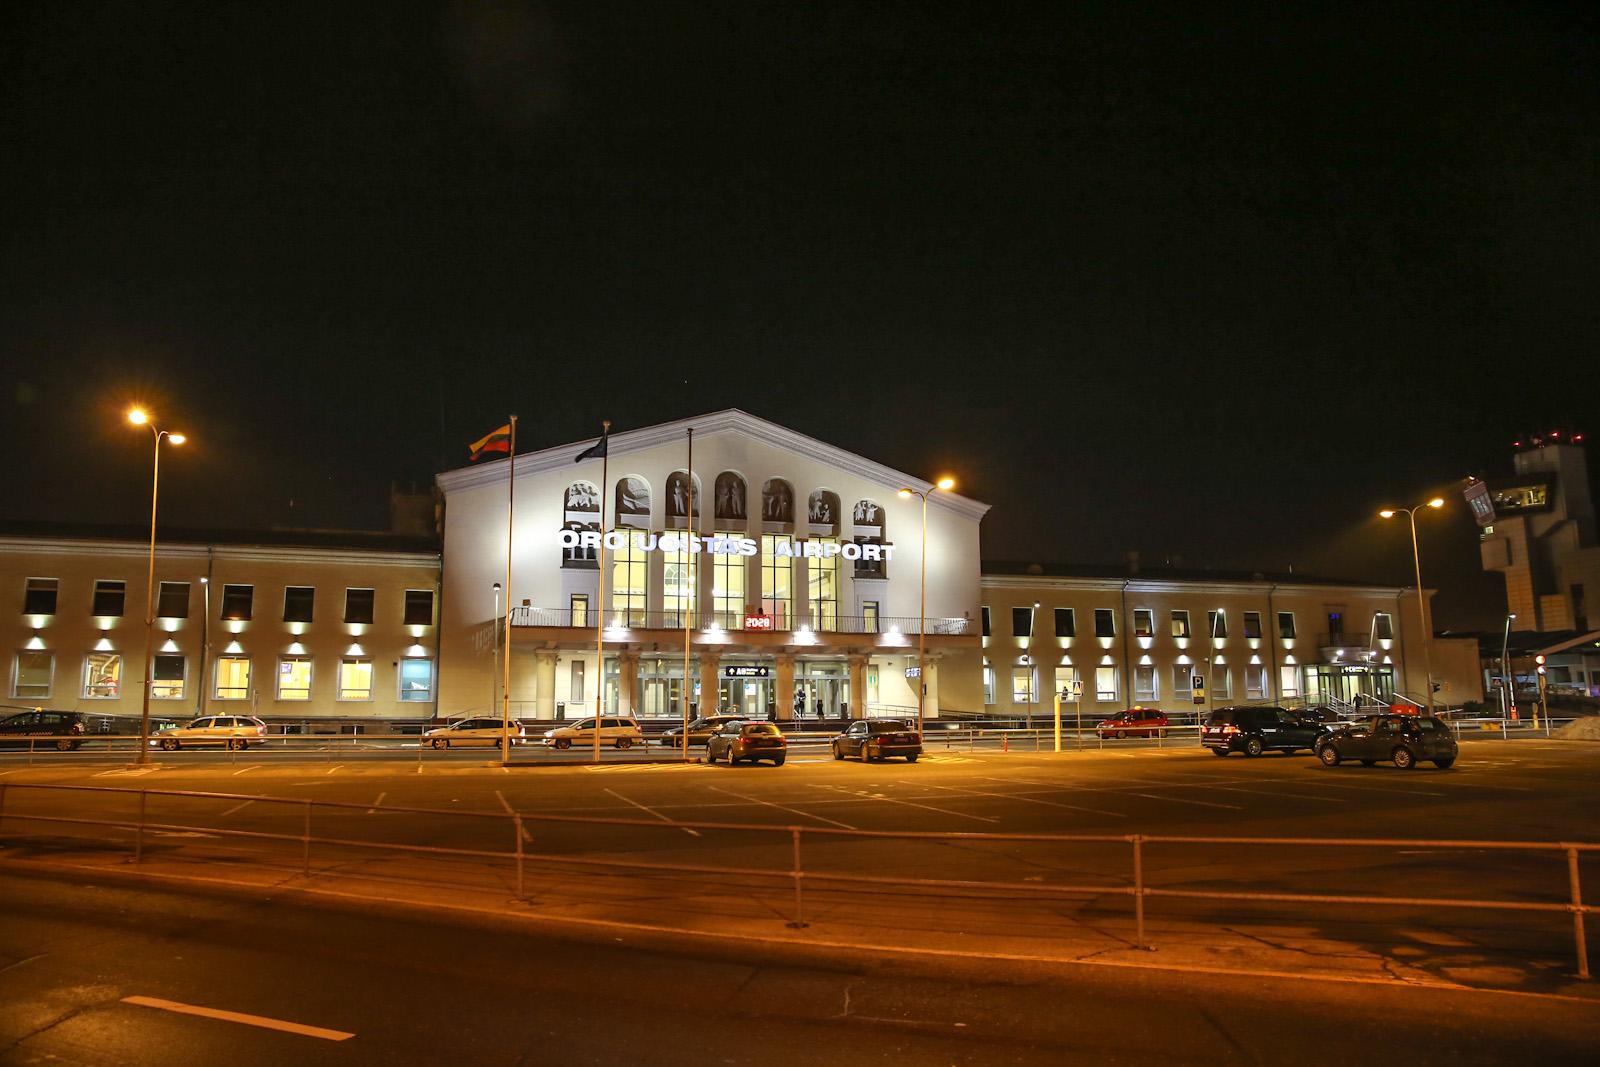 Аэровокзал аэропорта Вильнюс со стороны привокзальной площади